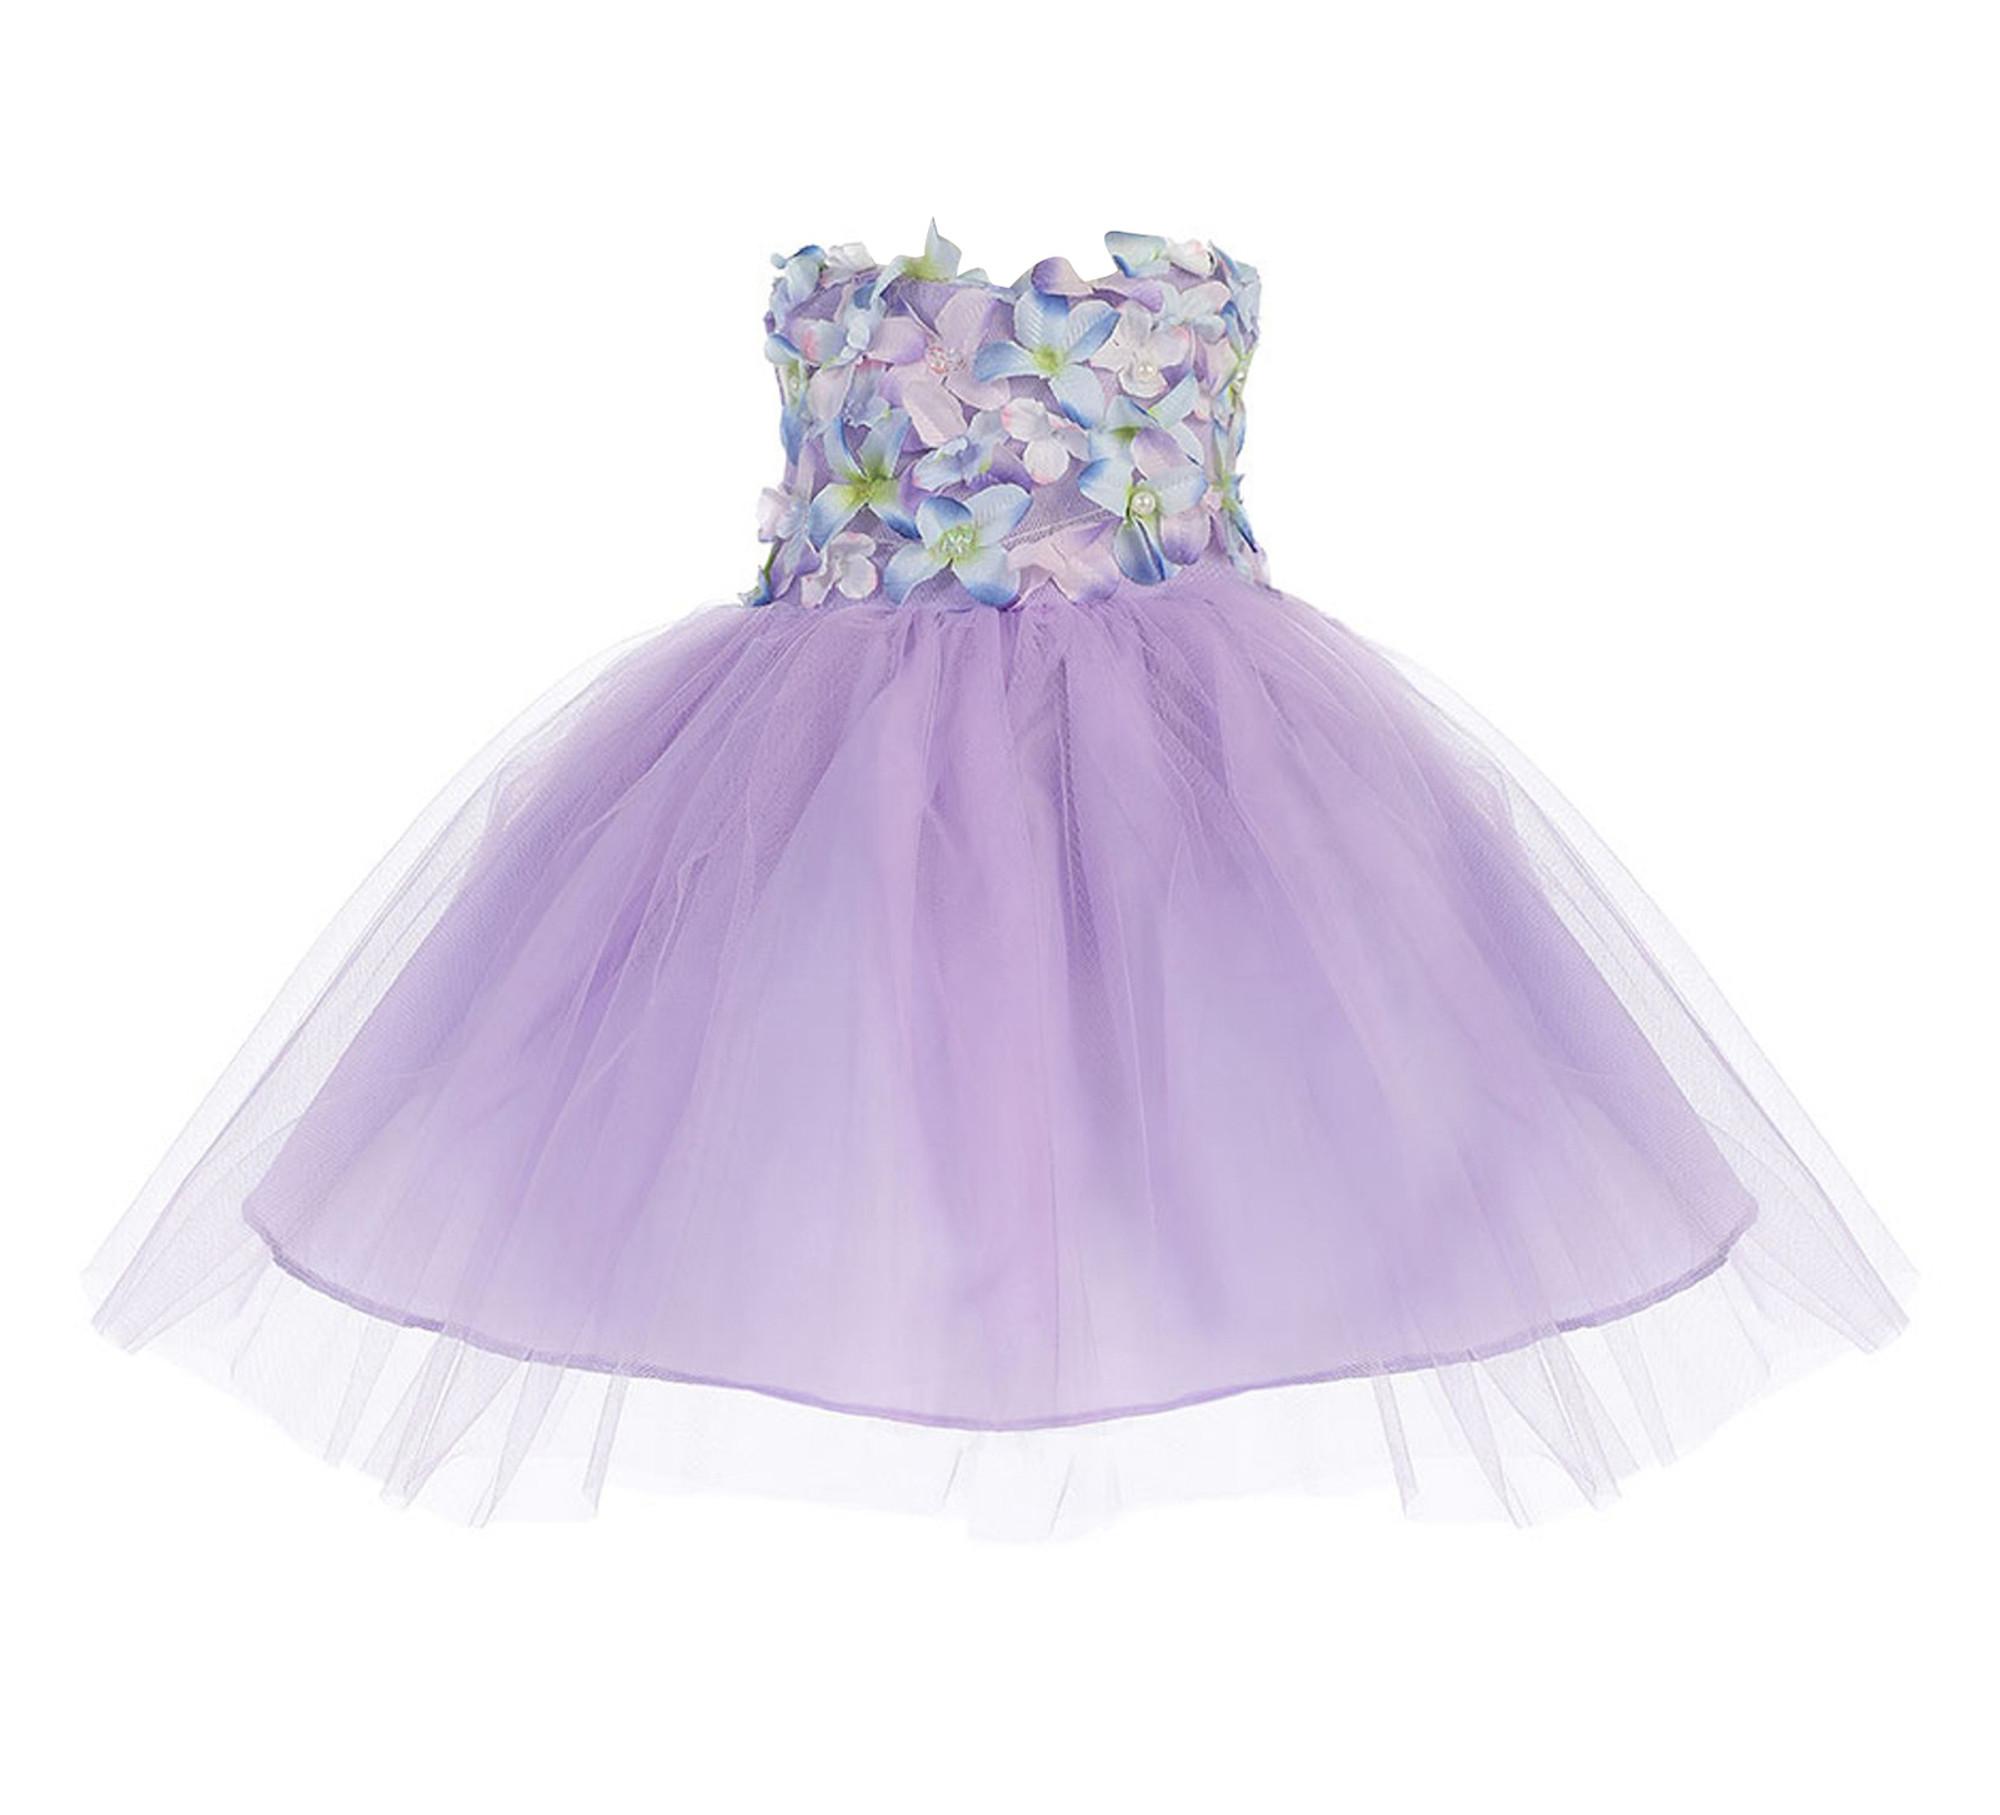 BIMARO Baby Mädchen Babykleid Rosalie flieder lila Tüll Blüten Perlen Pailletten Kleid Taufkleid Taufe Hochzeit festlich